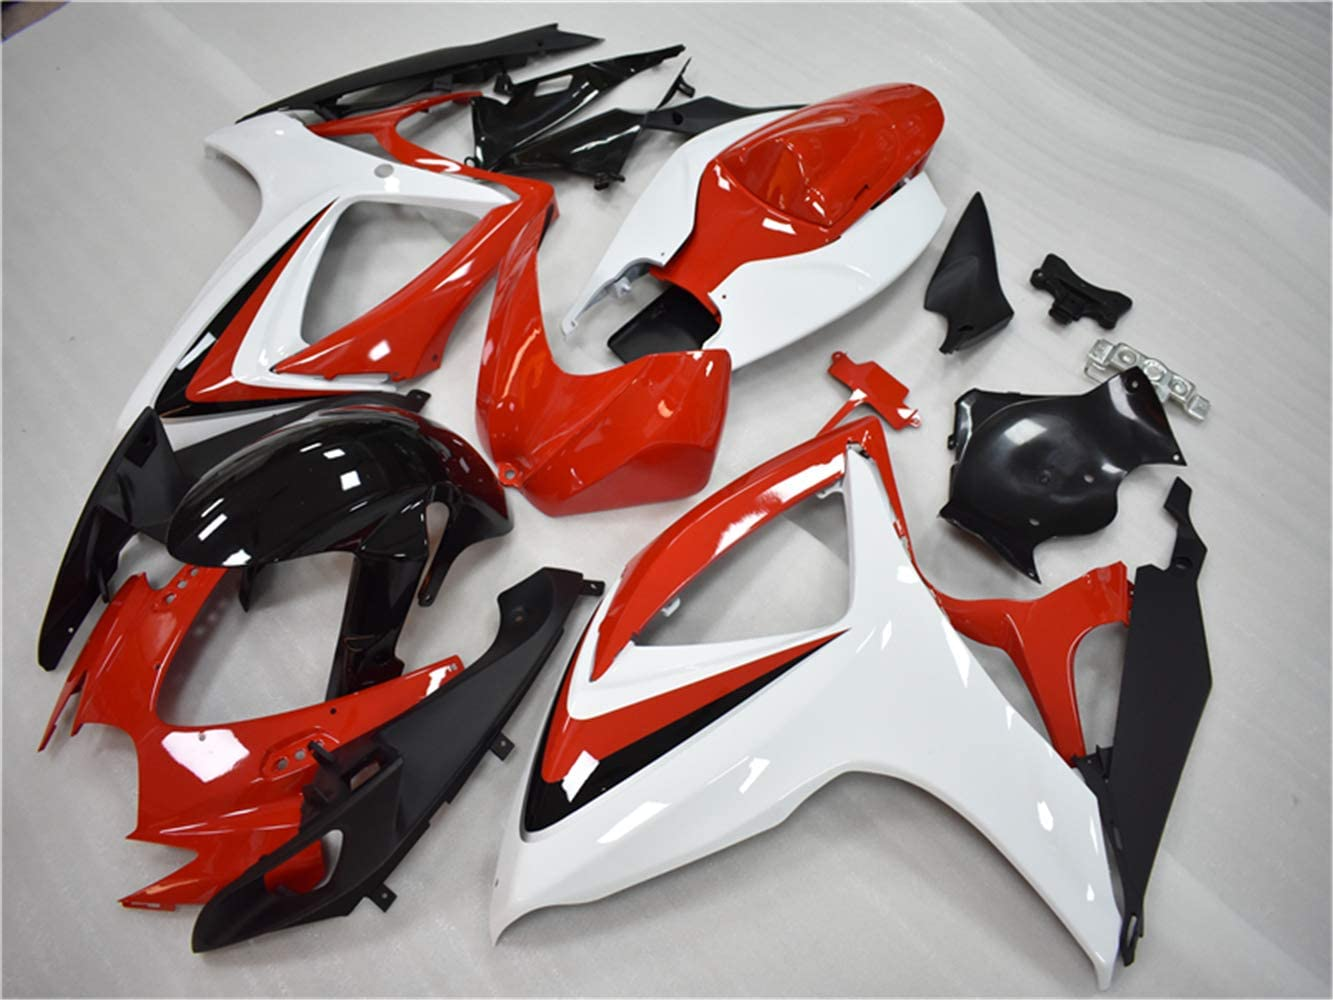 New Orange Black Fairing Fit for SUZUKI 2006 2007 GSXR 600 750 Injection Mold ABS Plastics Bodywork Bodyframe